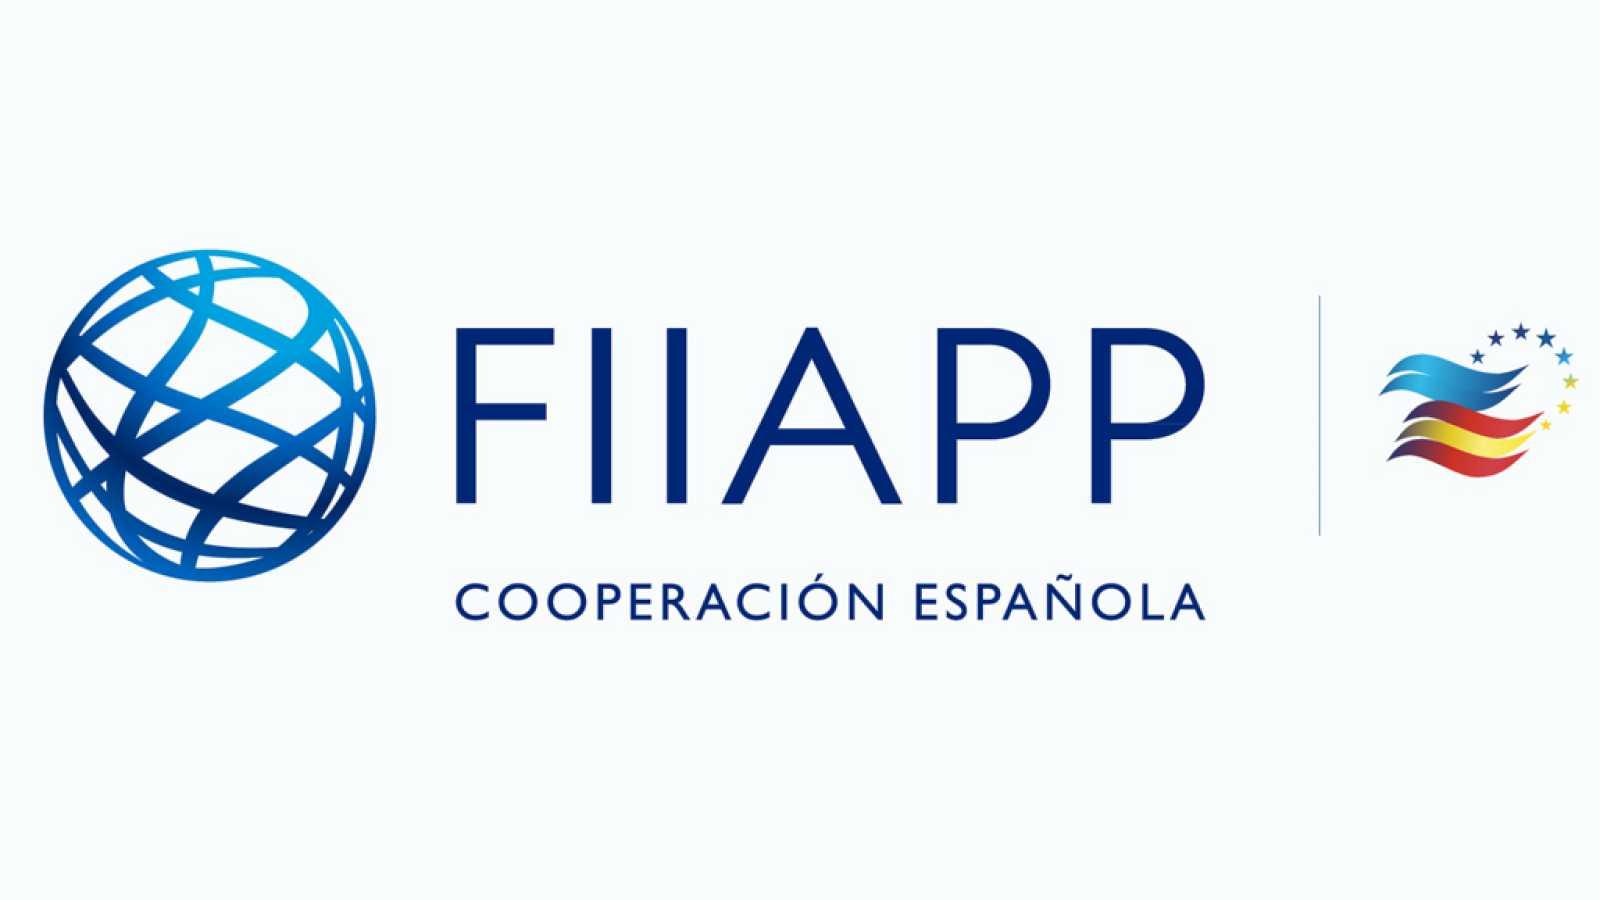 Cooperación pública en el mundo - La FIIAPP y su trabajo con el Ministerio de Justicia - 28/10/20 - escuchar ahora